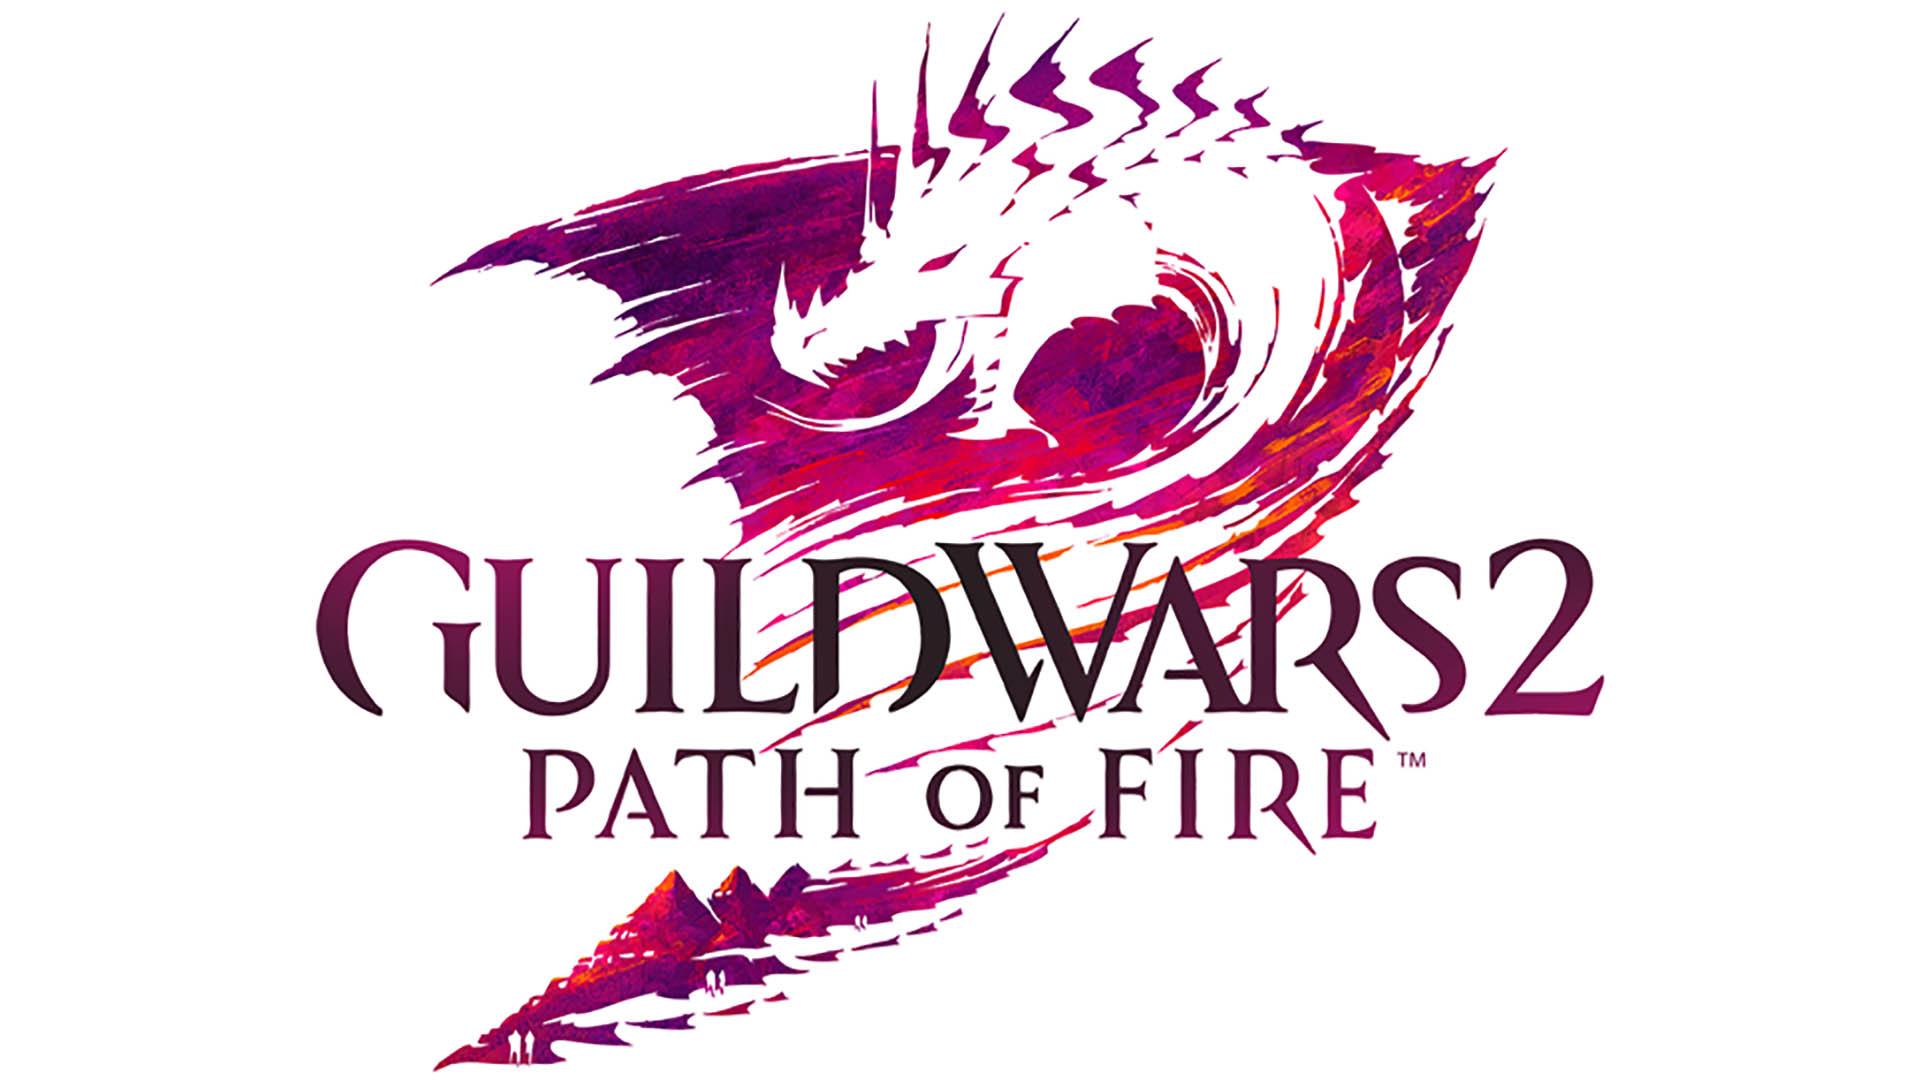 Guild Wars 2: Path of Fire Launch-Trailer veröffentlicht